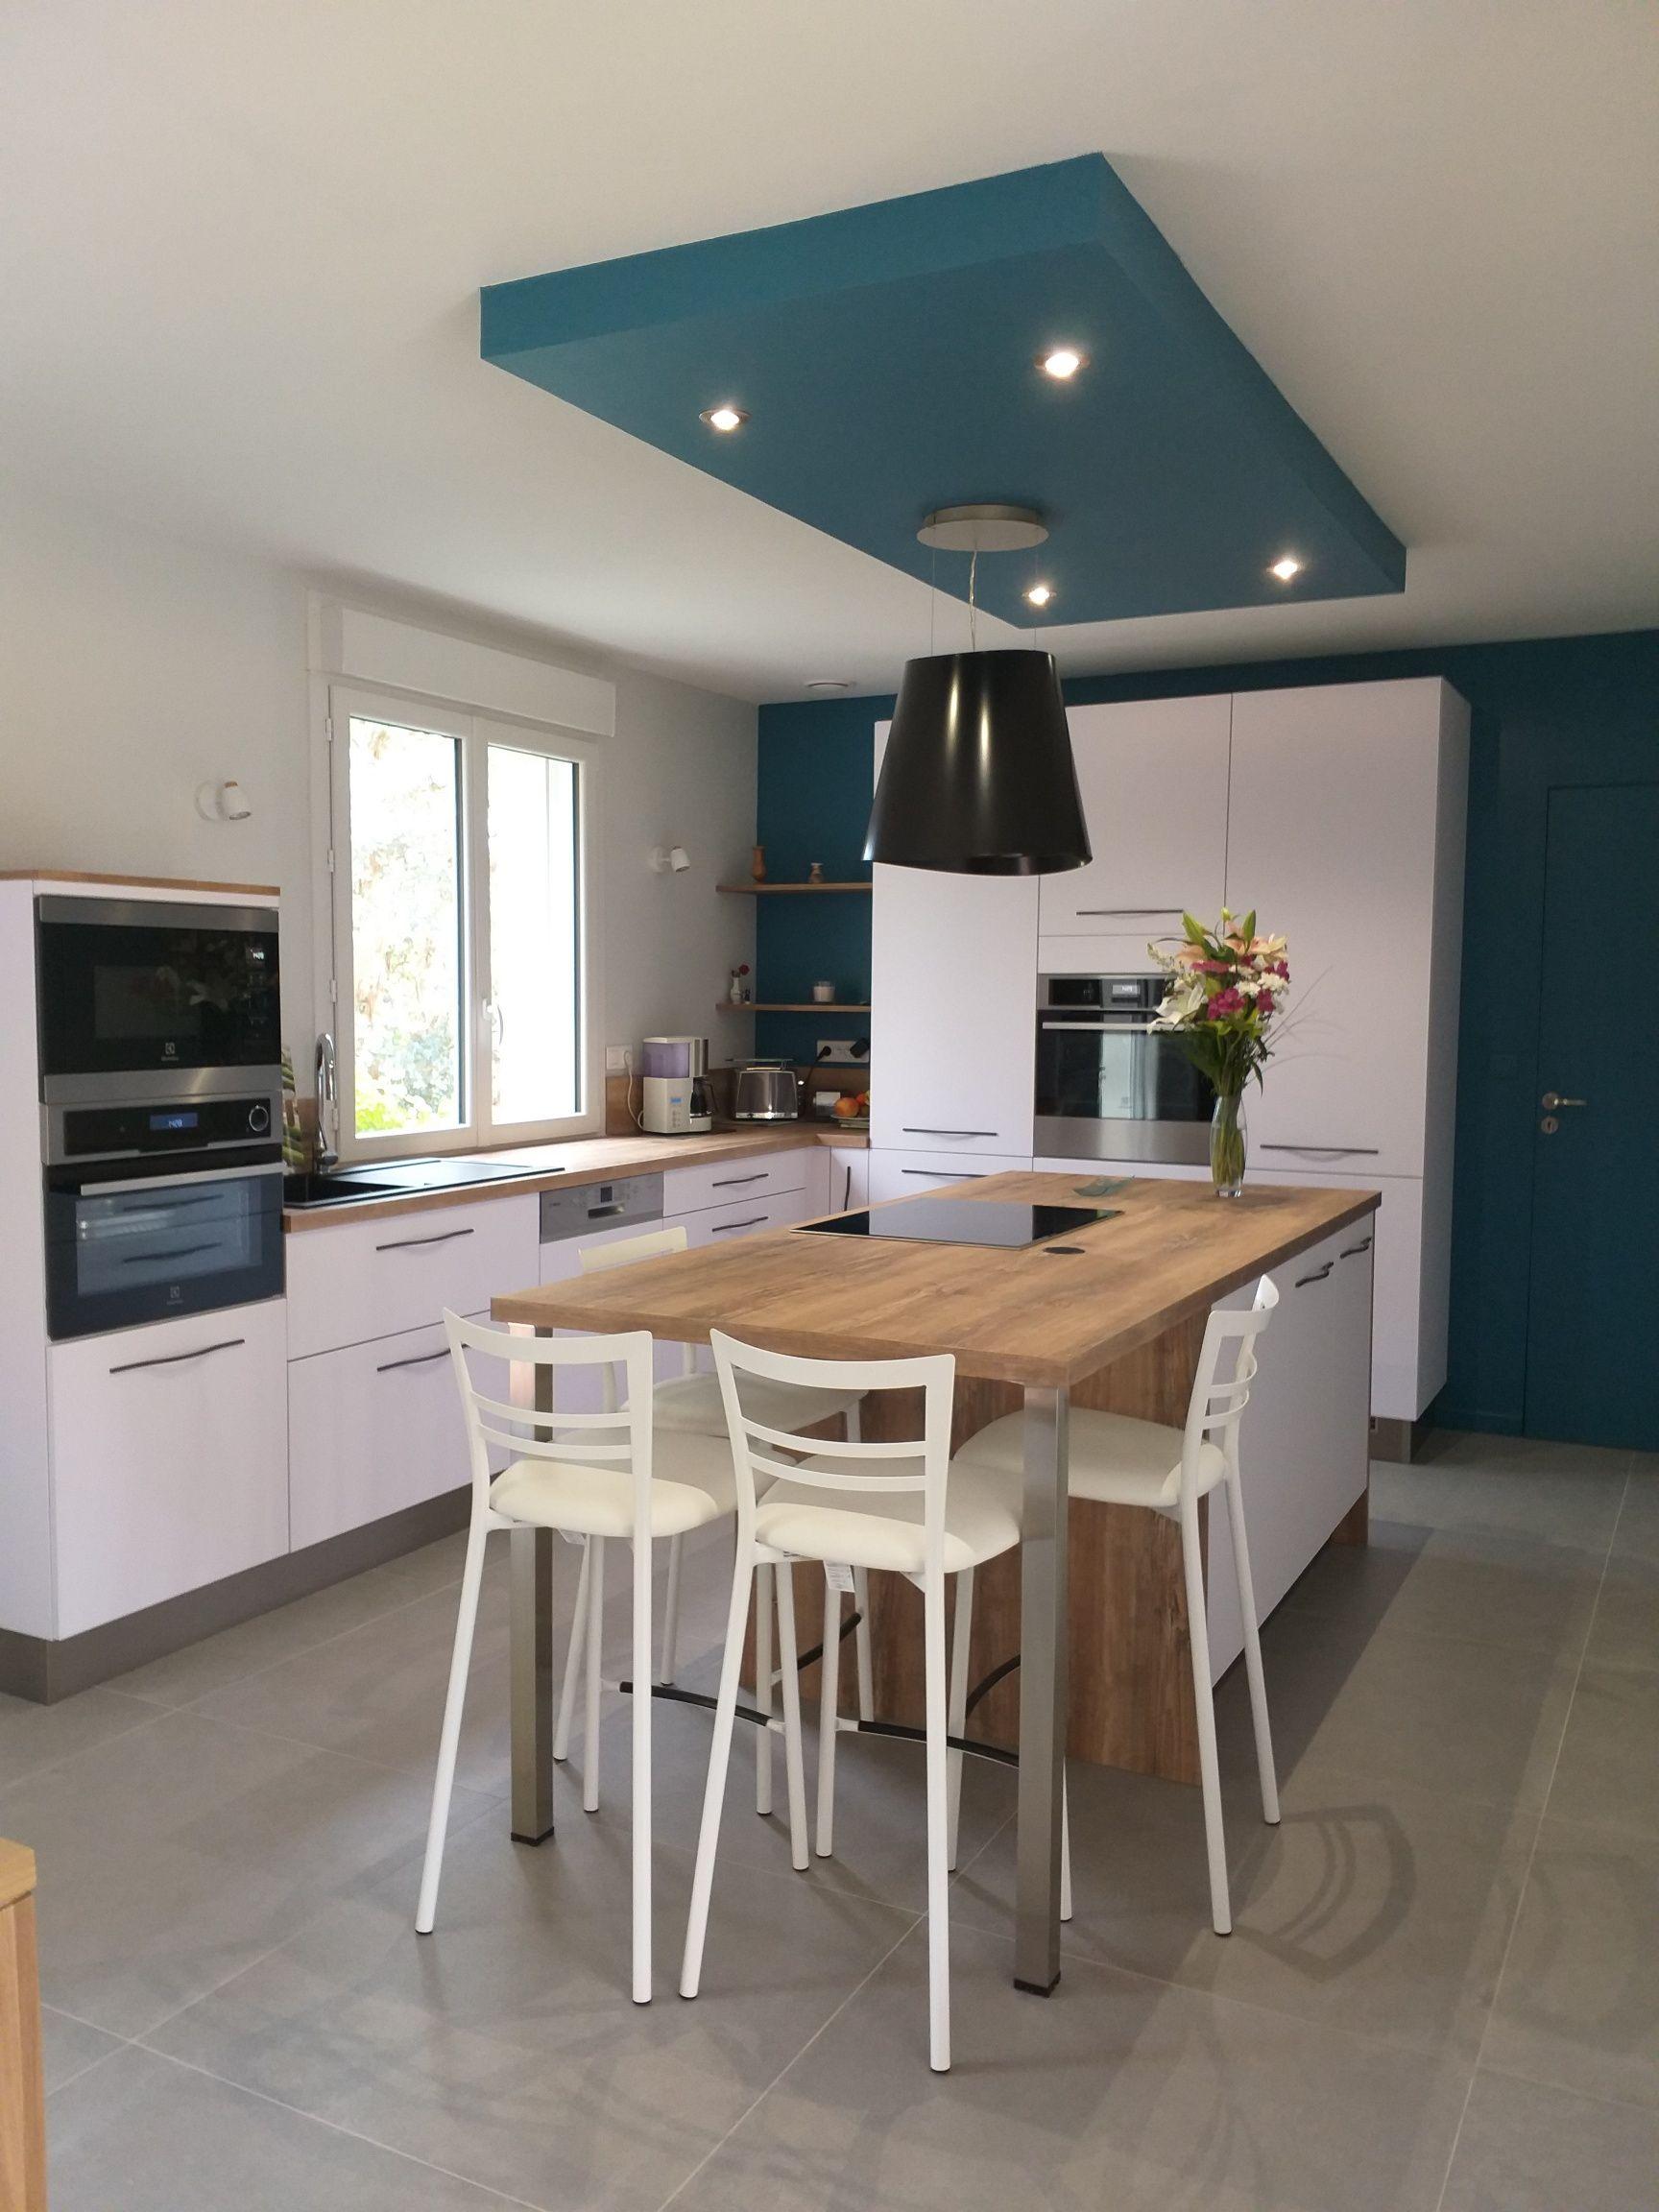 Laval Arthur Bonnet Magasin De Cuisines Cuisines Equipees Cuisines Maison Cuisine Moderne Decoration Cuisine Moderne